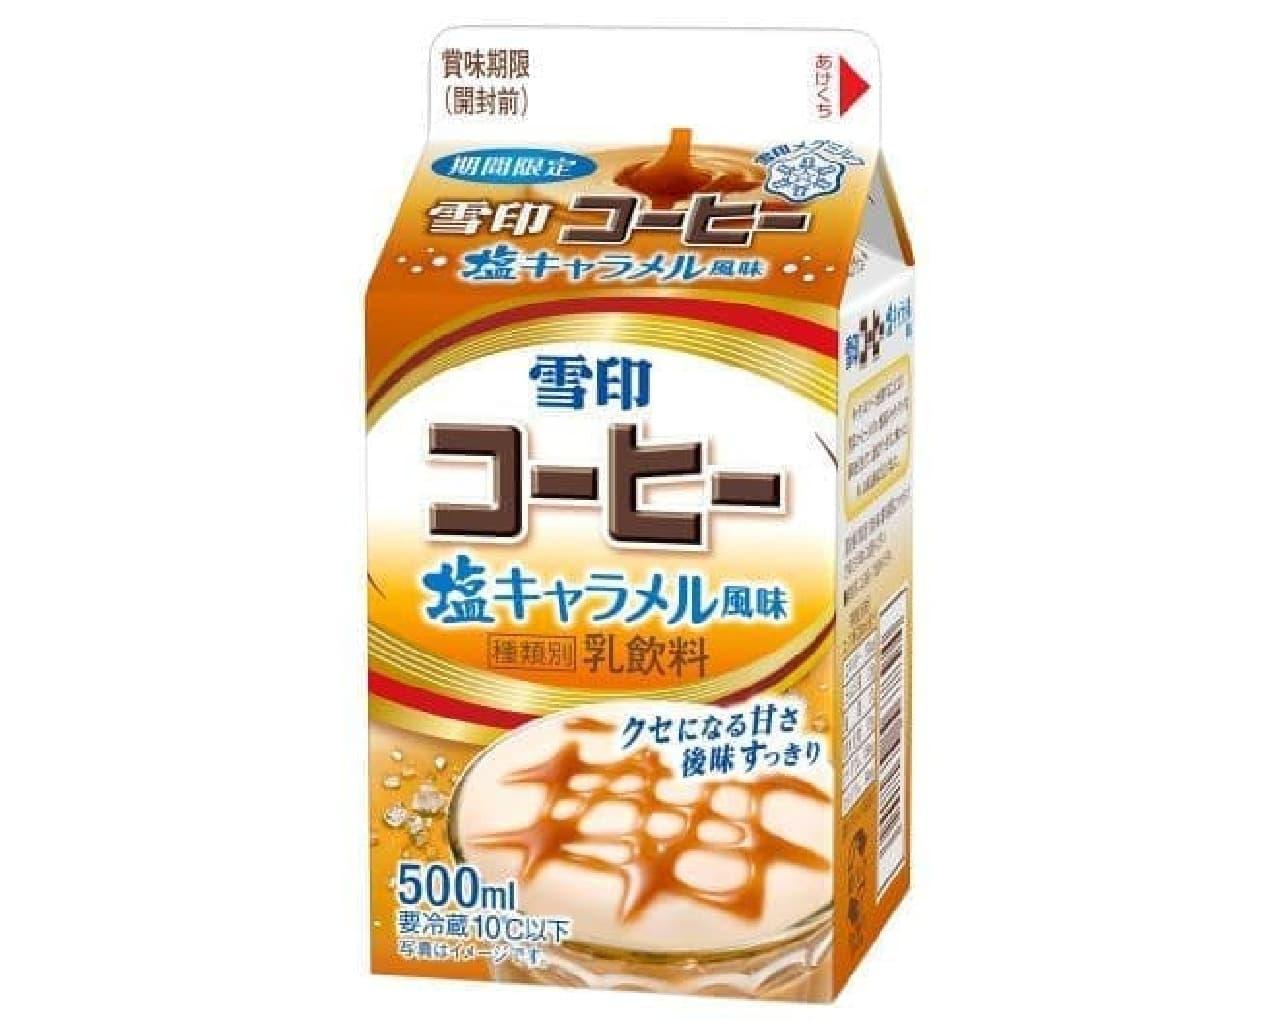 雪印メグミルク「雪印コーヒー 塩キャラメル風味」